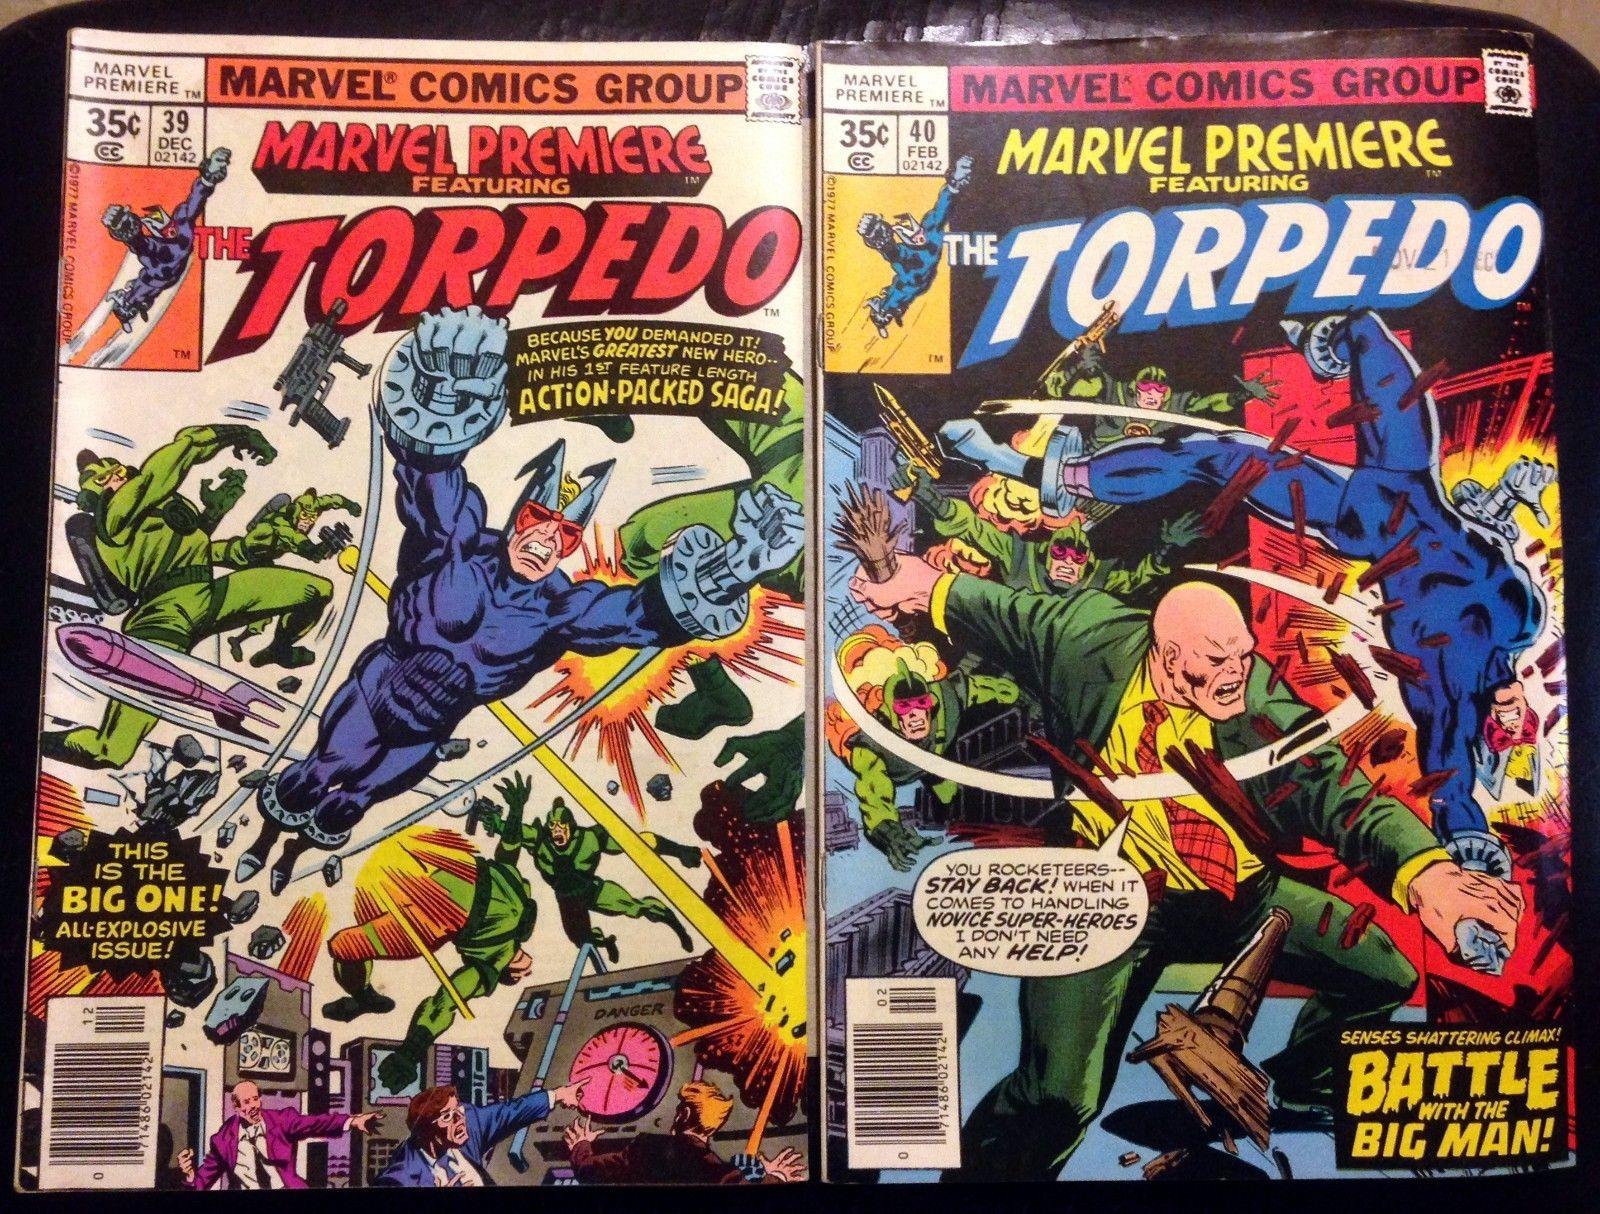 Marvel comics coupon code